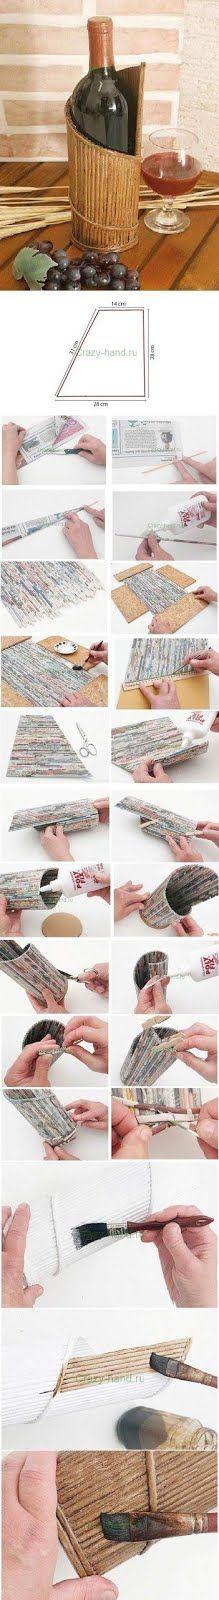 30 Idées d'artisanat avec journaux - IPUBLIQUEI